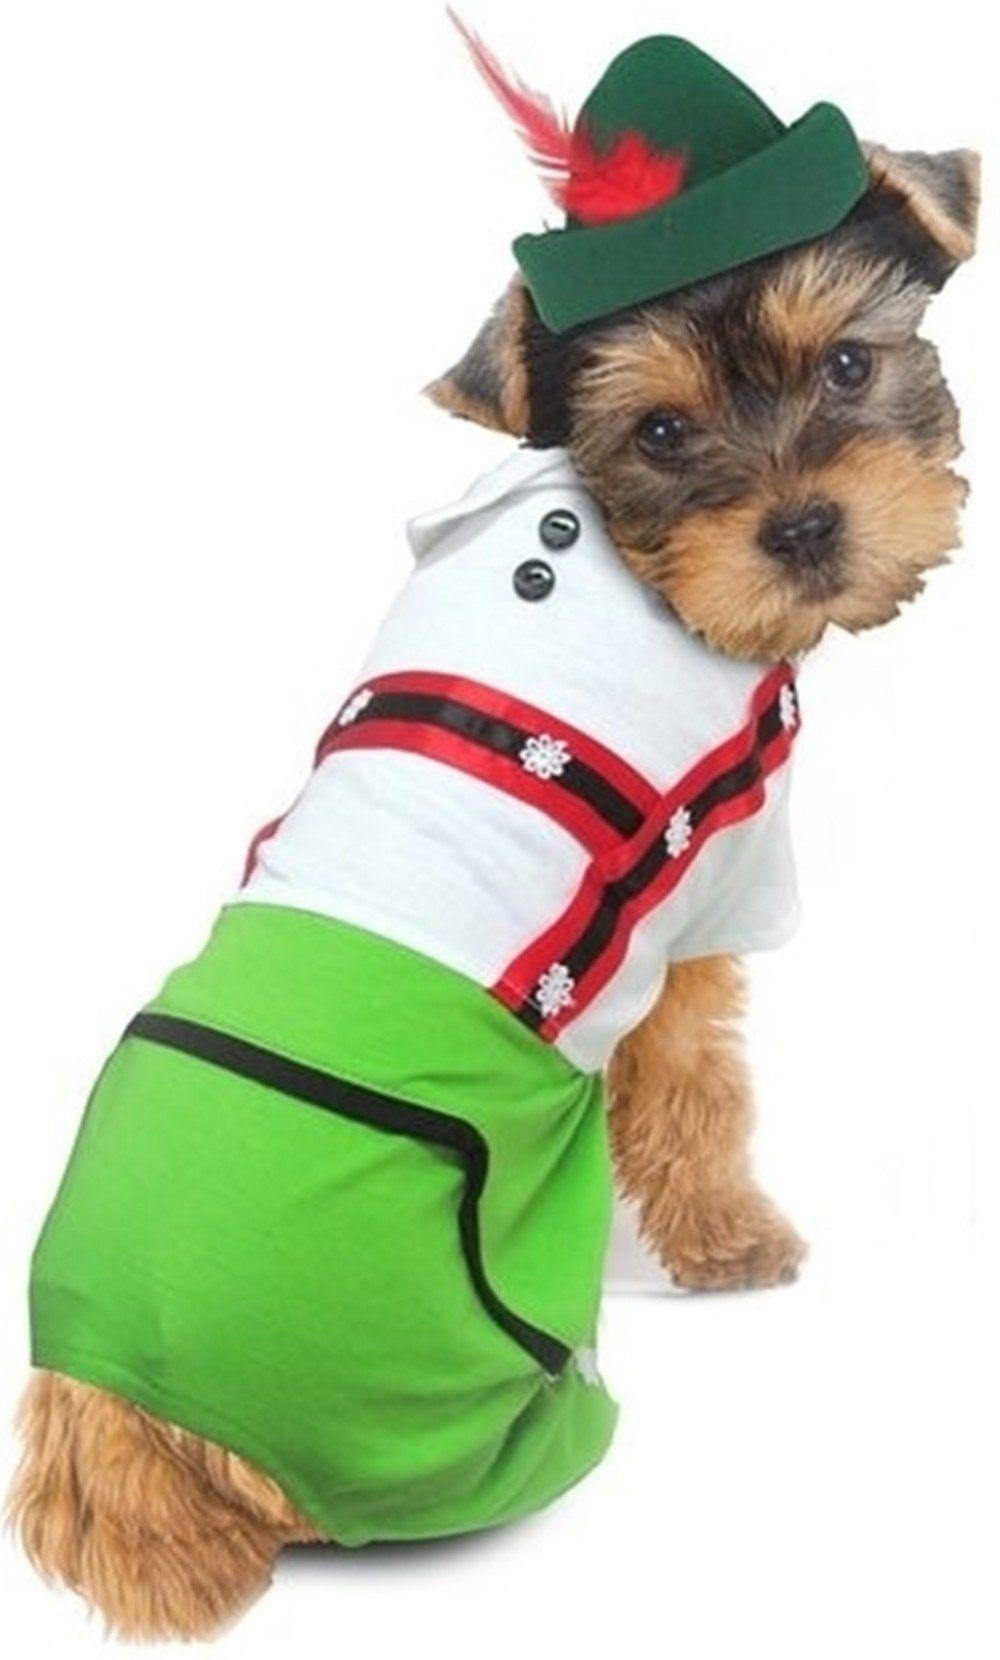 Oktoberfest Lederhosen Alpine Boy Dog Costume Girl Dog